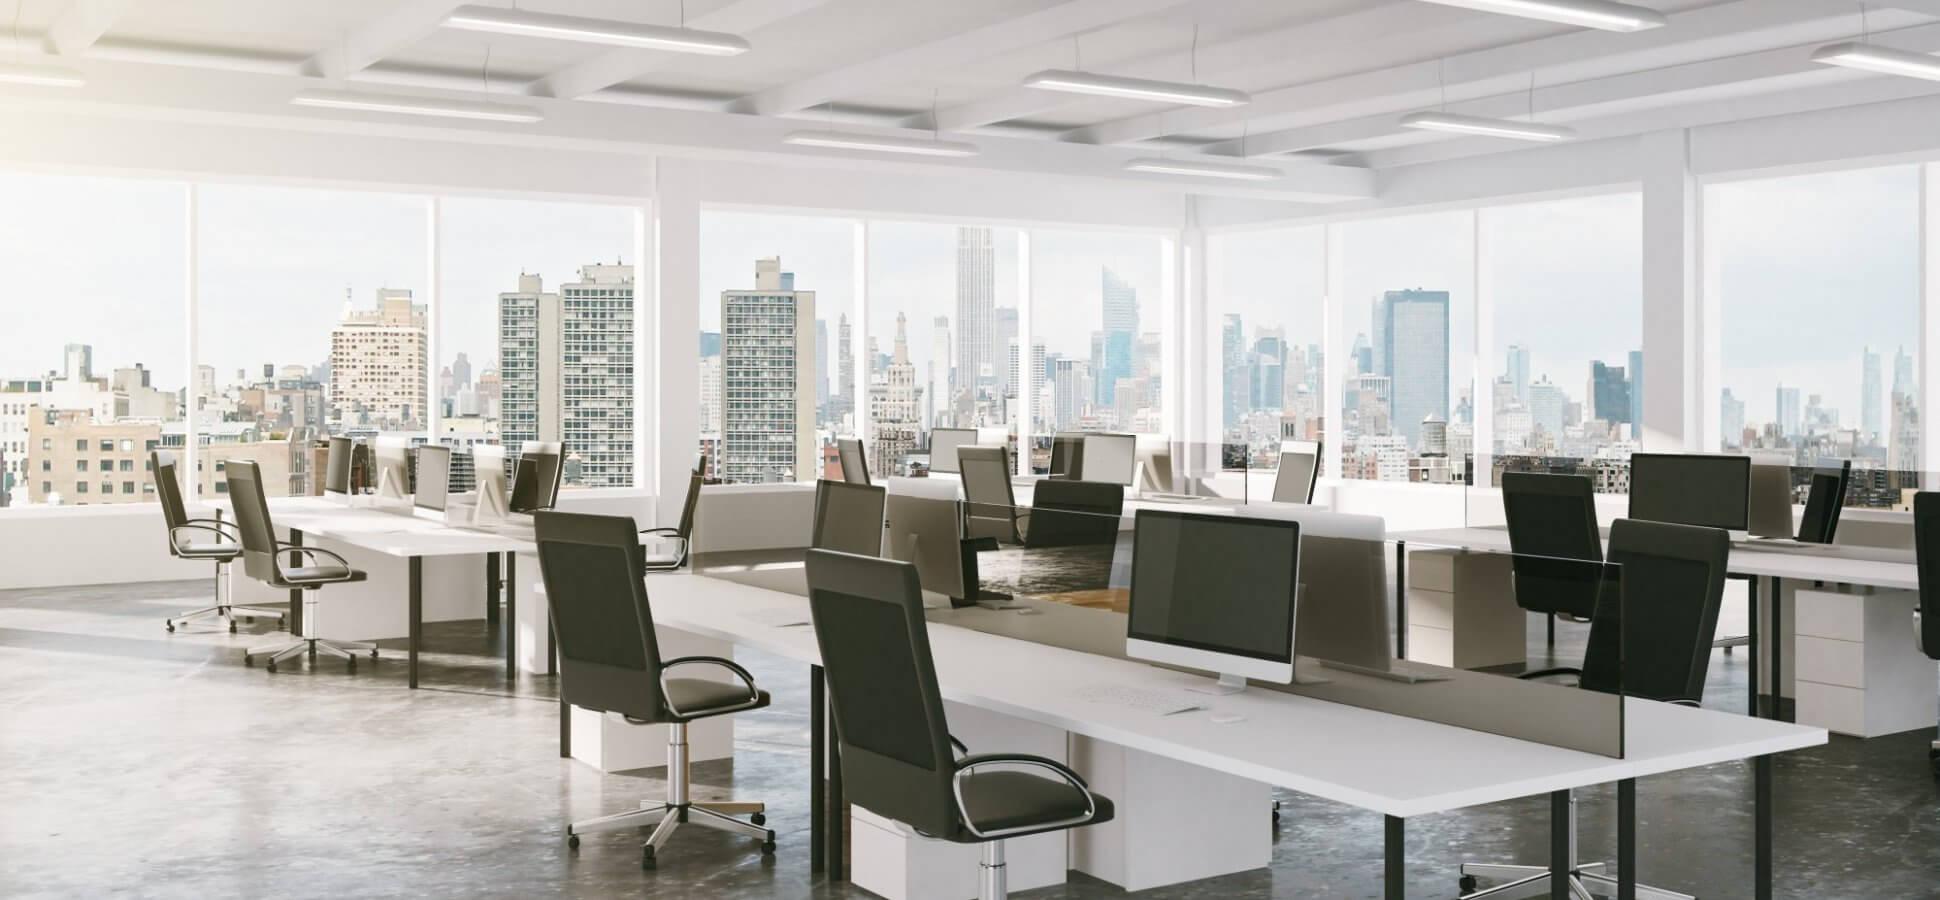 روکیدا - 5 نشانه که می گویند کسب و کار کوچک شما منسوخ شده است - توسعه کسب و کار, طرح کسب و کار, مدل کسب و کار, مدیریت استارتاپ, مدیریت کسب و کار